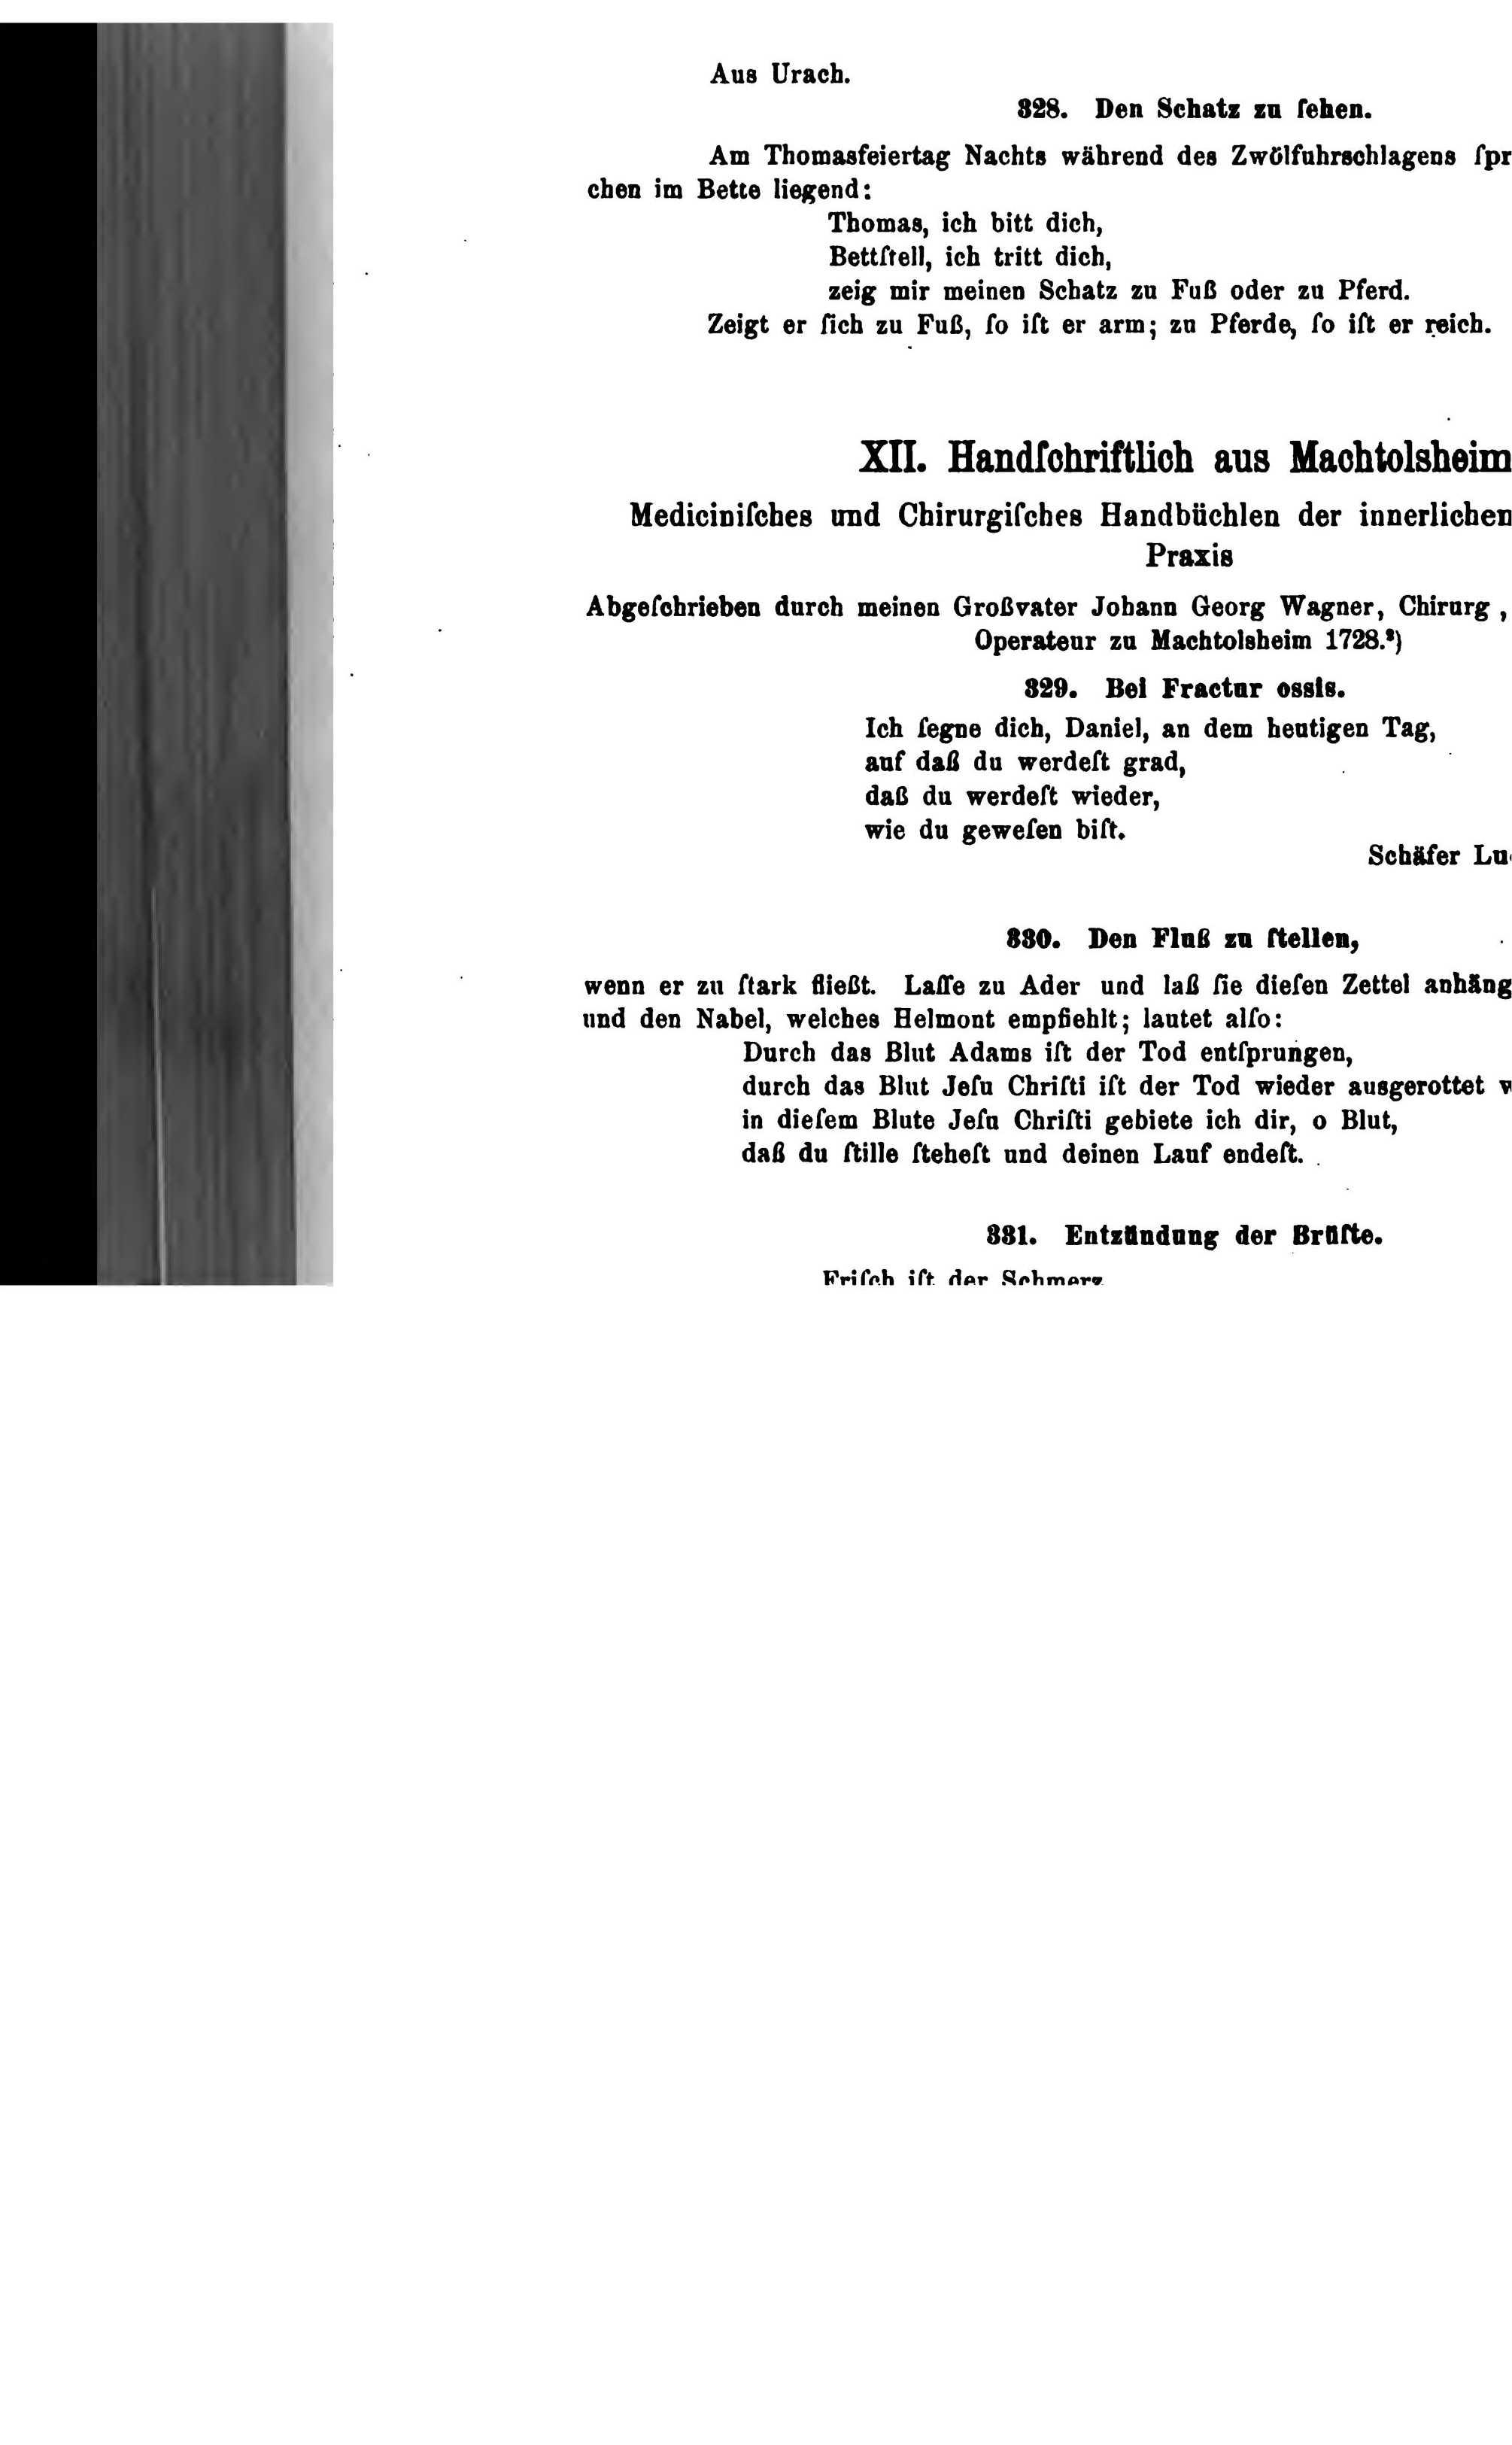 File:De Württ Jahrbuch SL 1892 1148.jpg - Wikimedia Commons